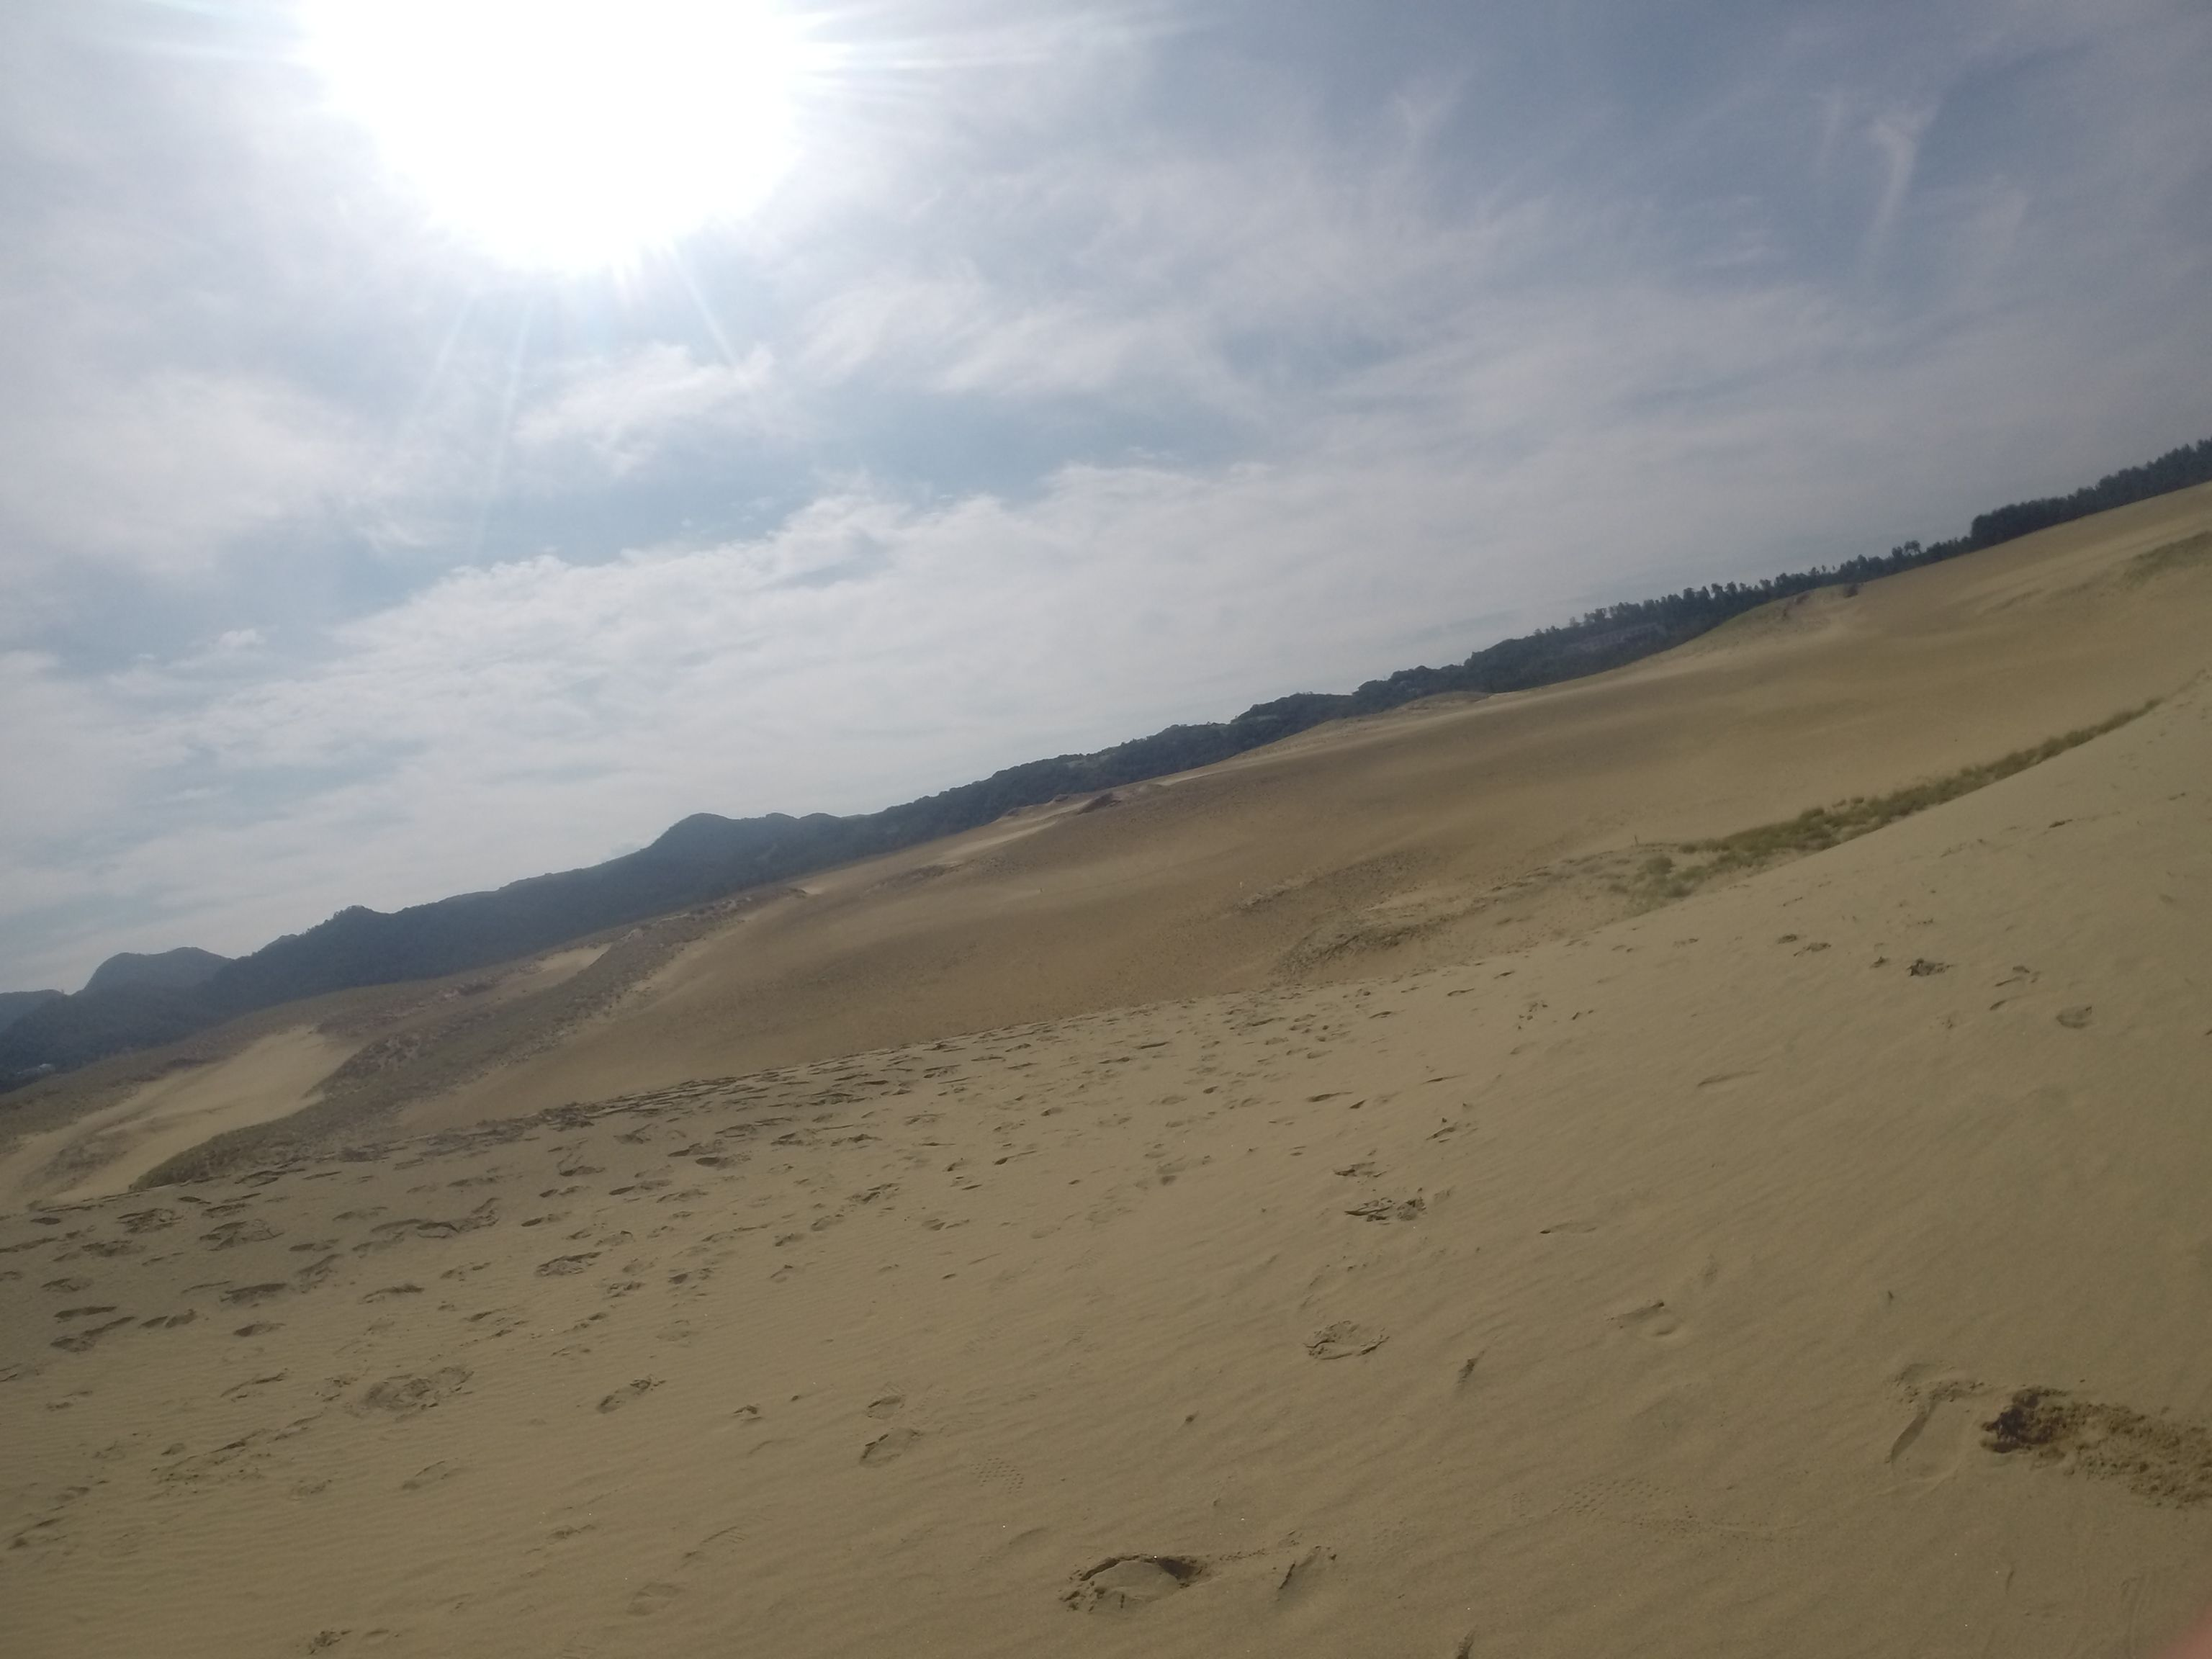 のんびりムードが漂う平日の鳥取砂丘